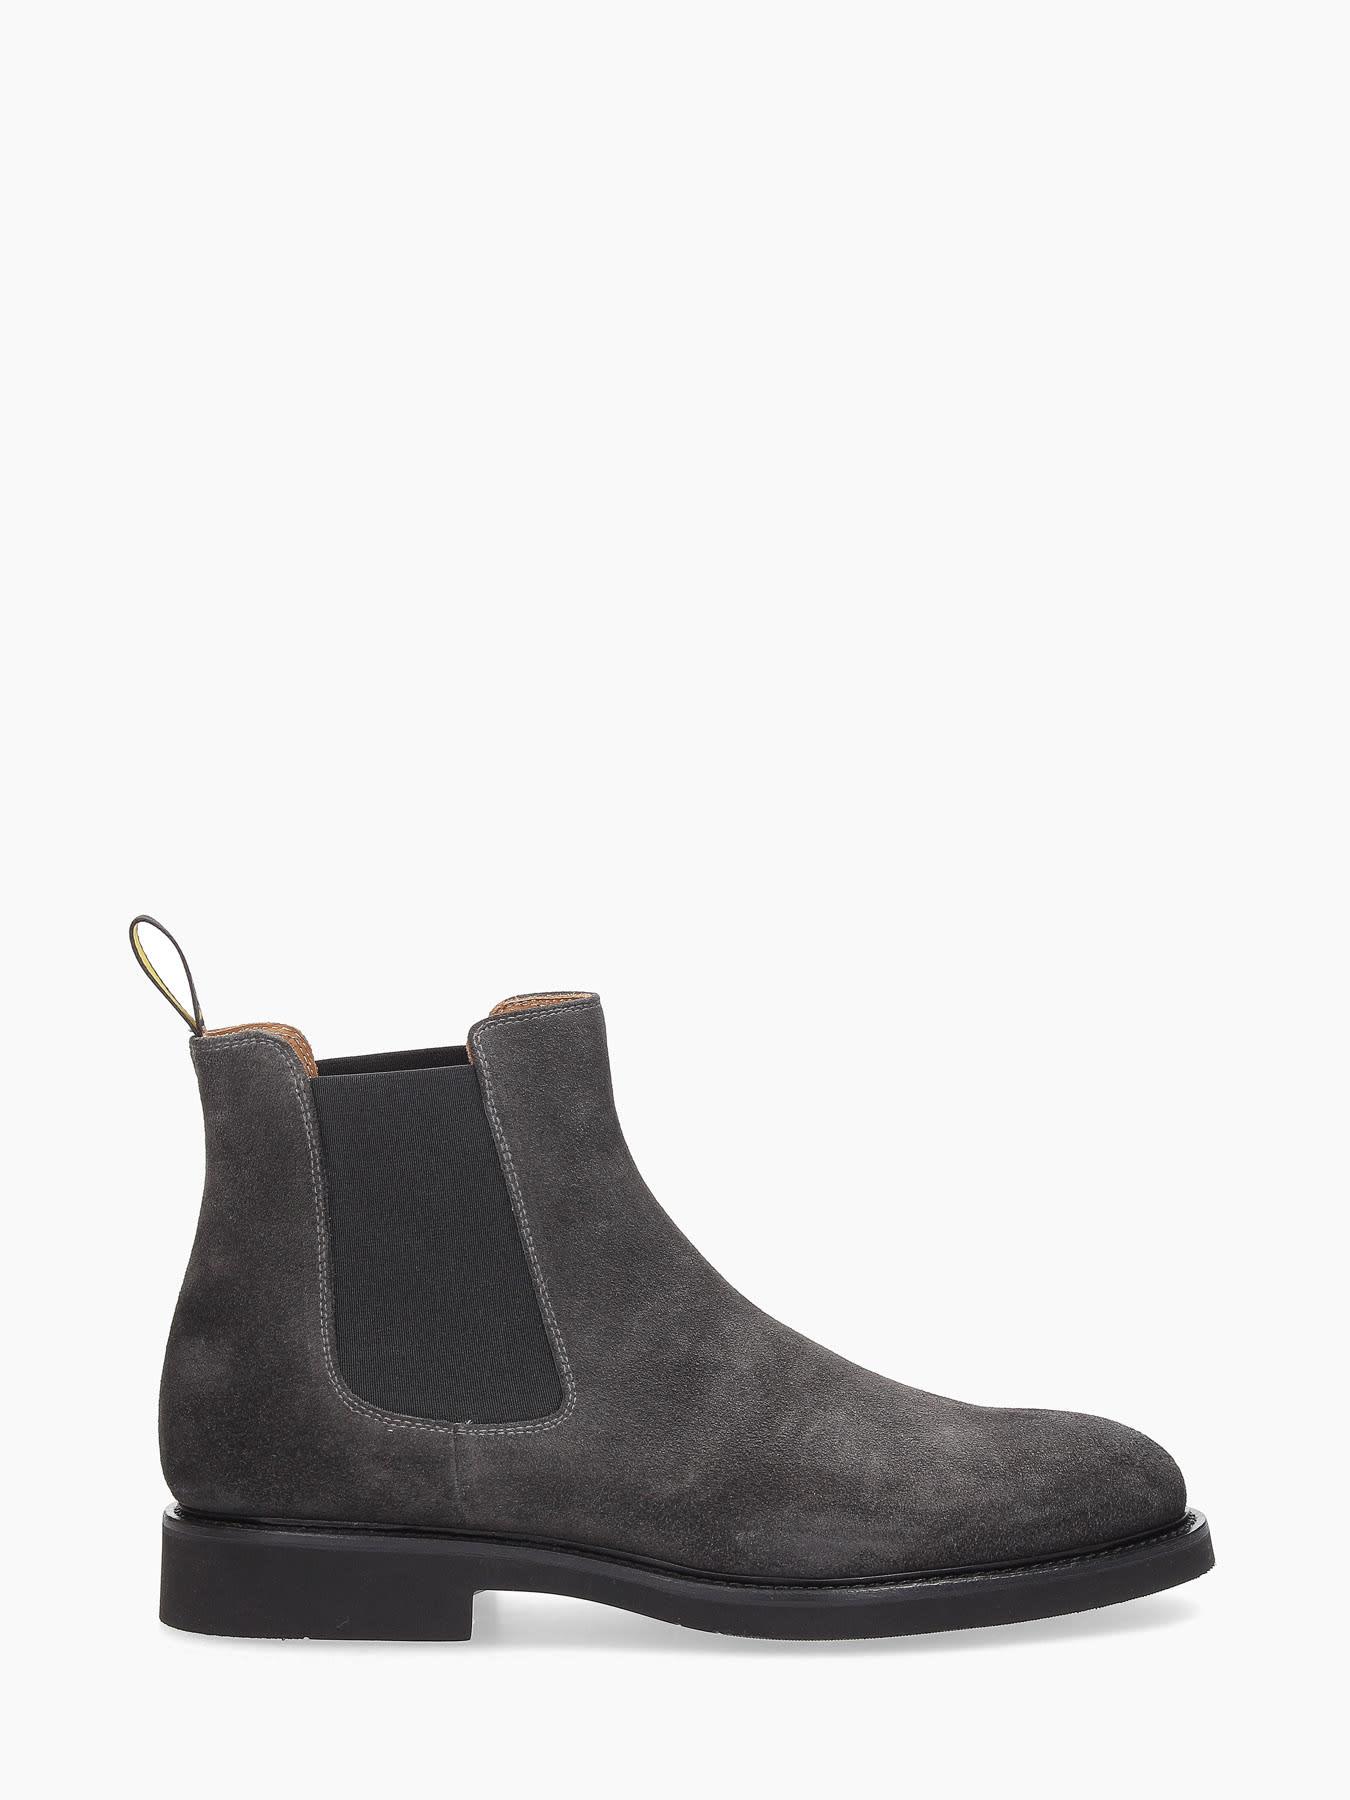 Doucals Chelsea Boots